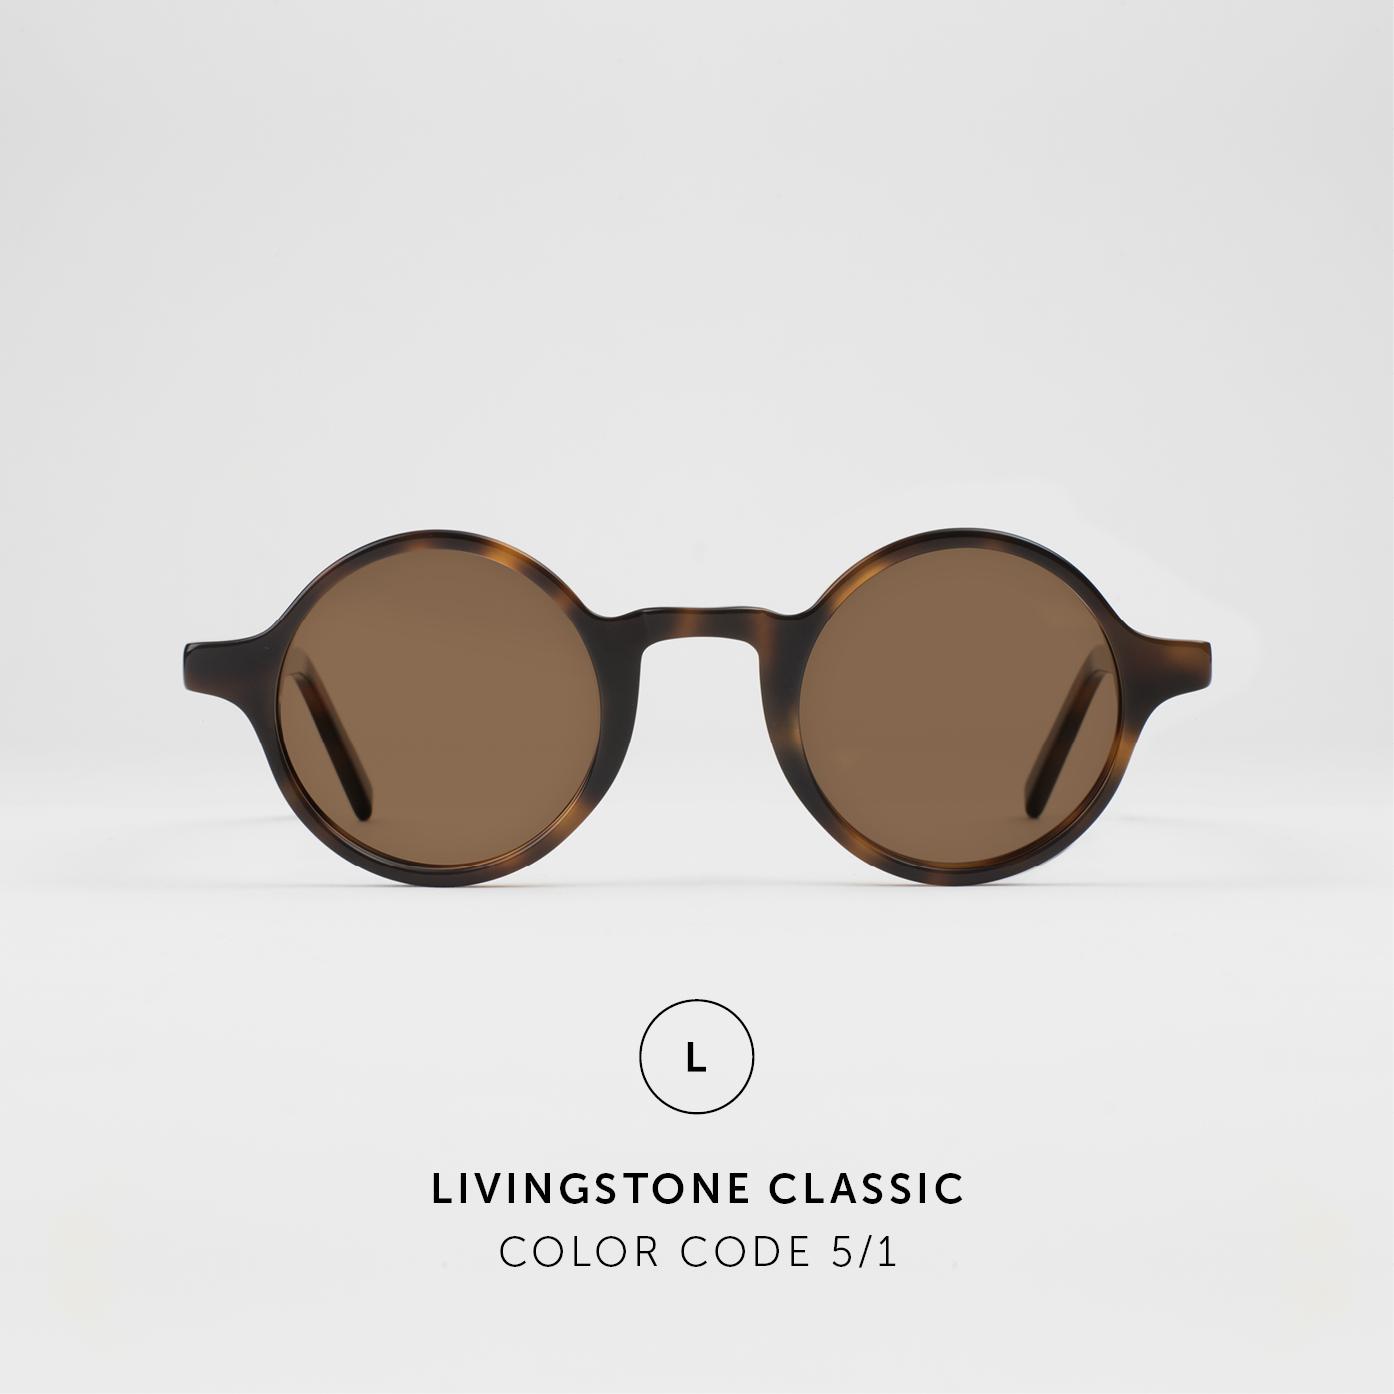 LivingstoneClassic30.jpg